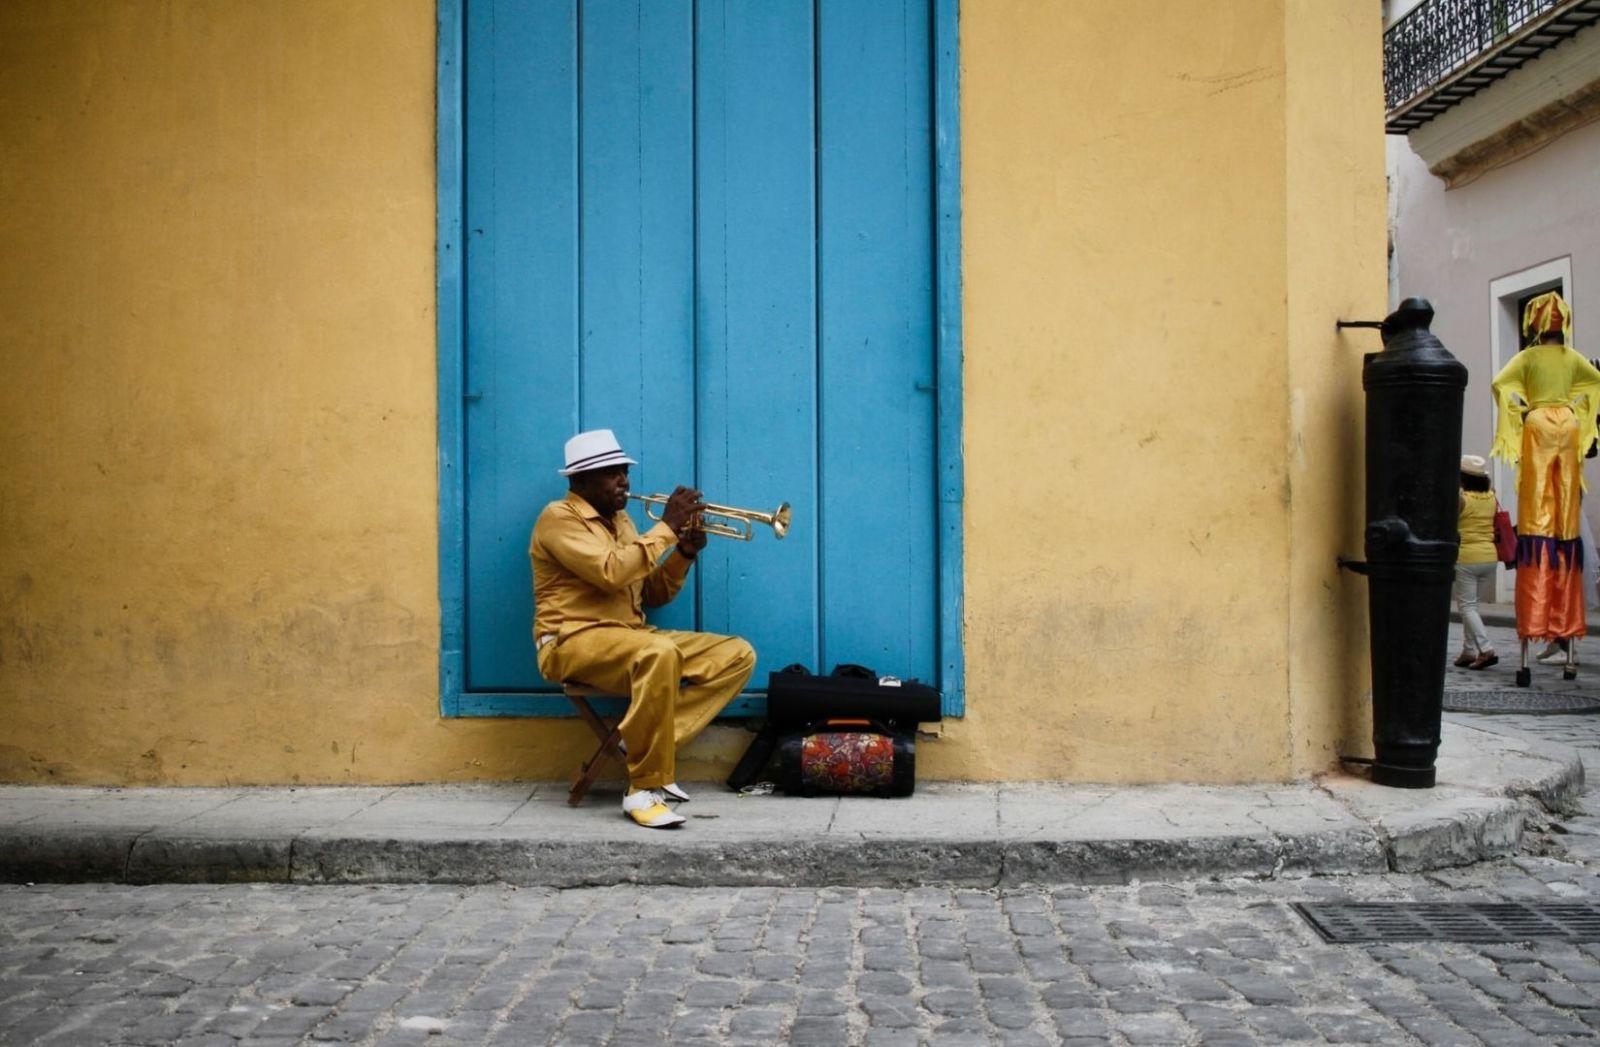 Geliebte Feinde spielen keine Musik. (Foto: Jessica Knowlden, Unsplash.com)